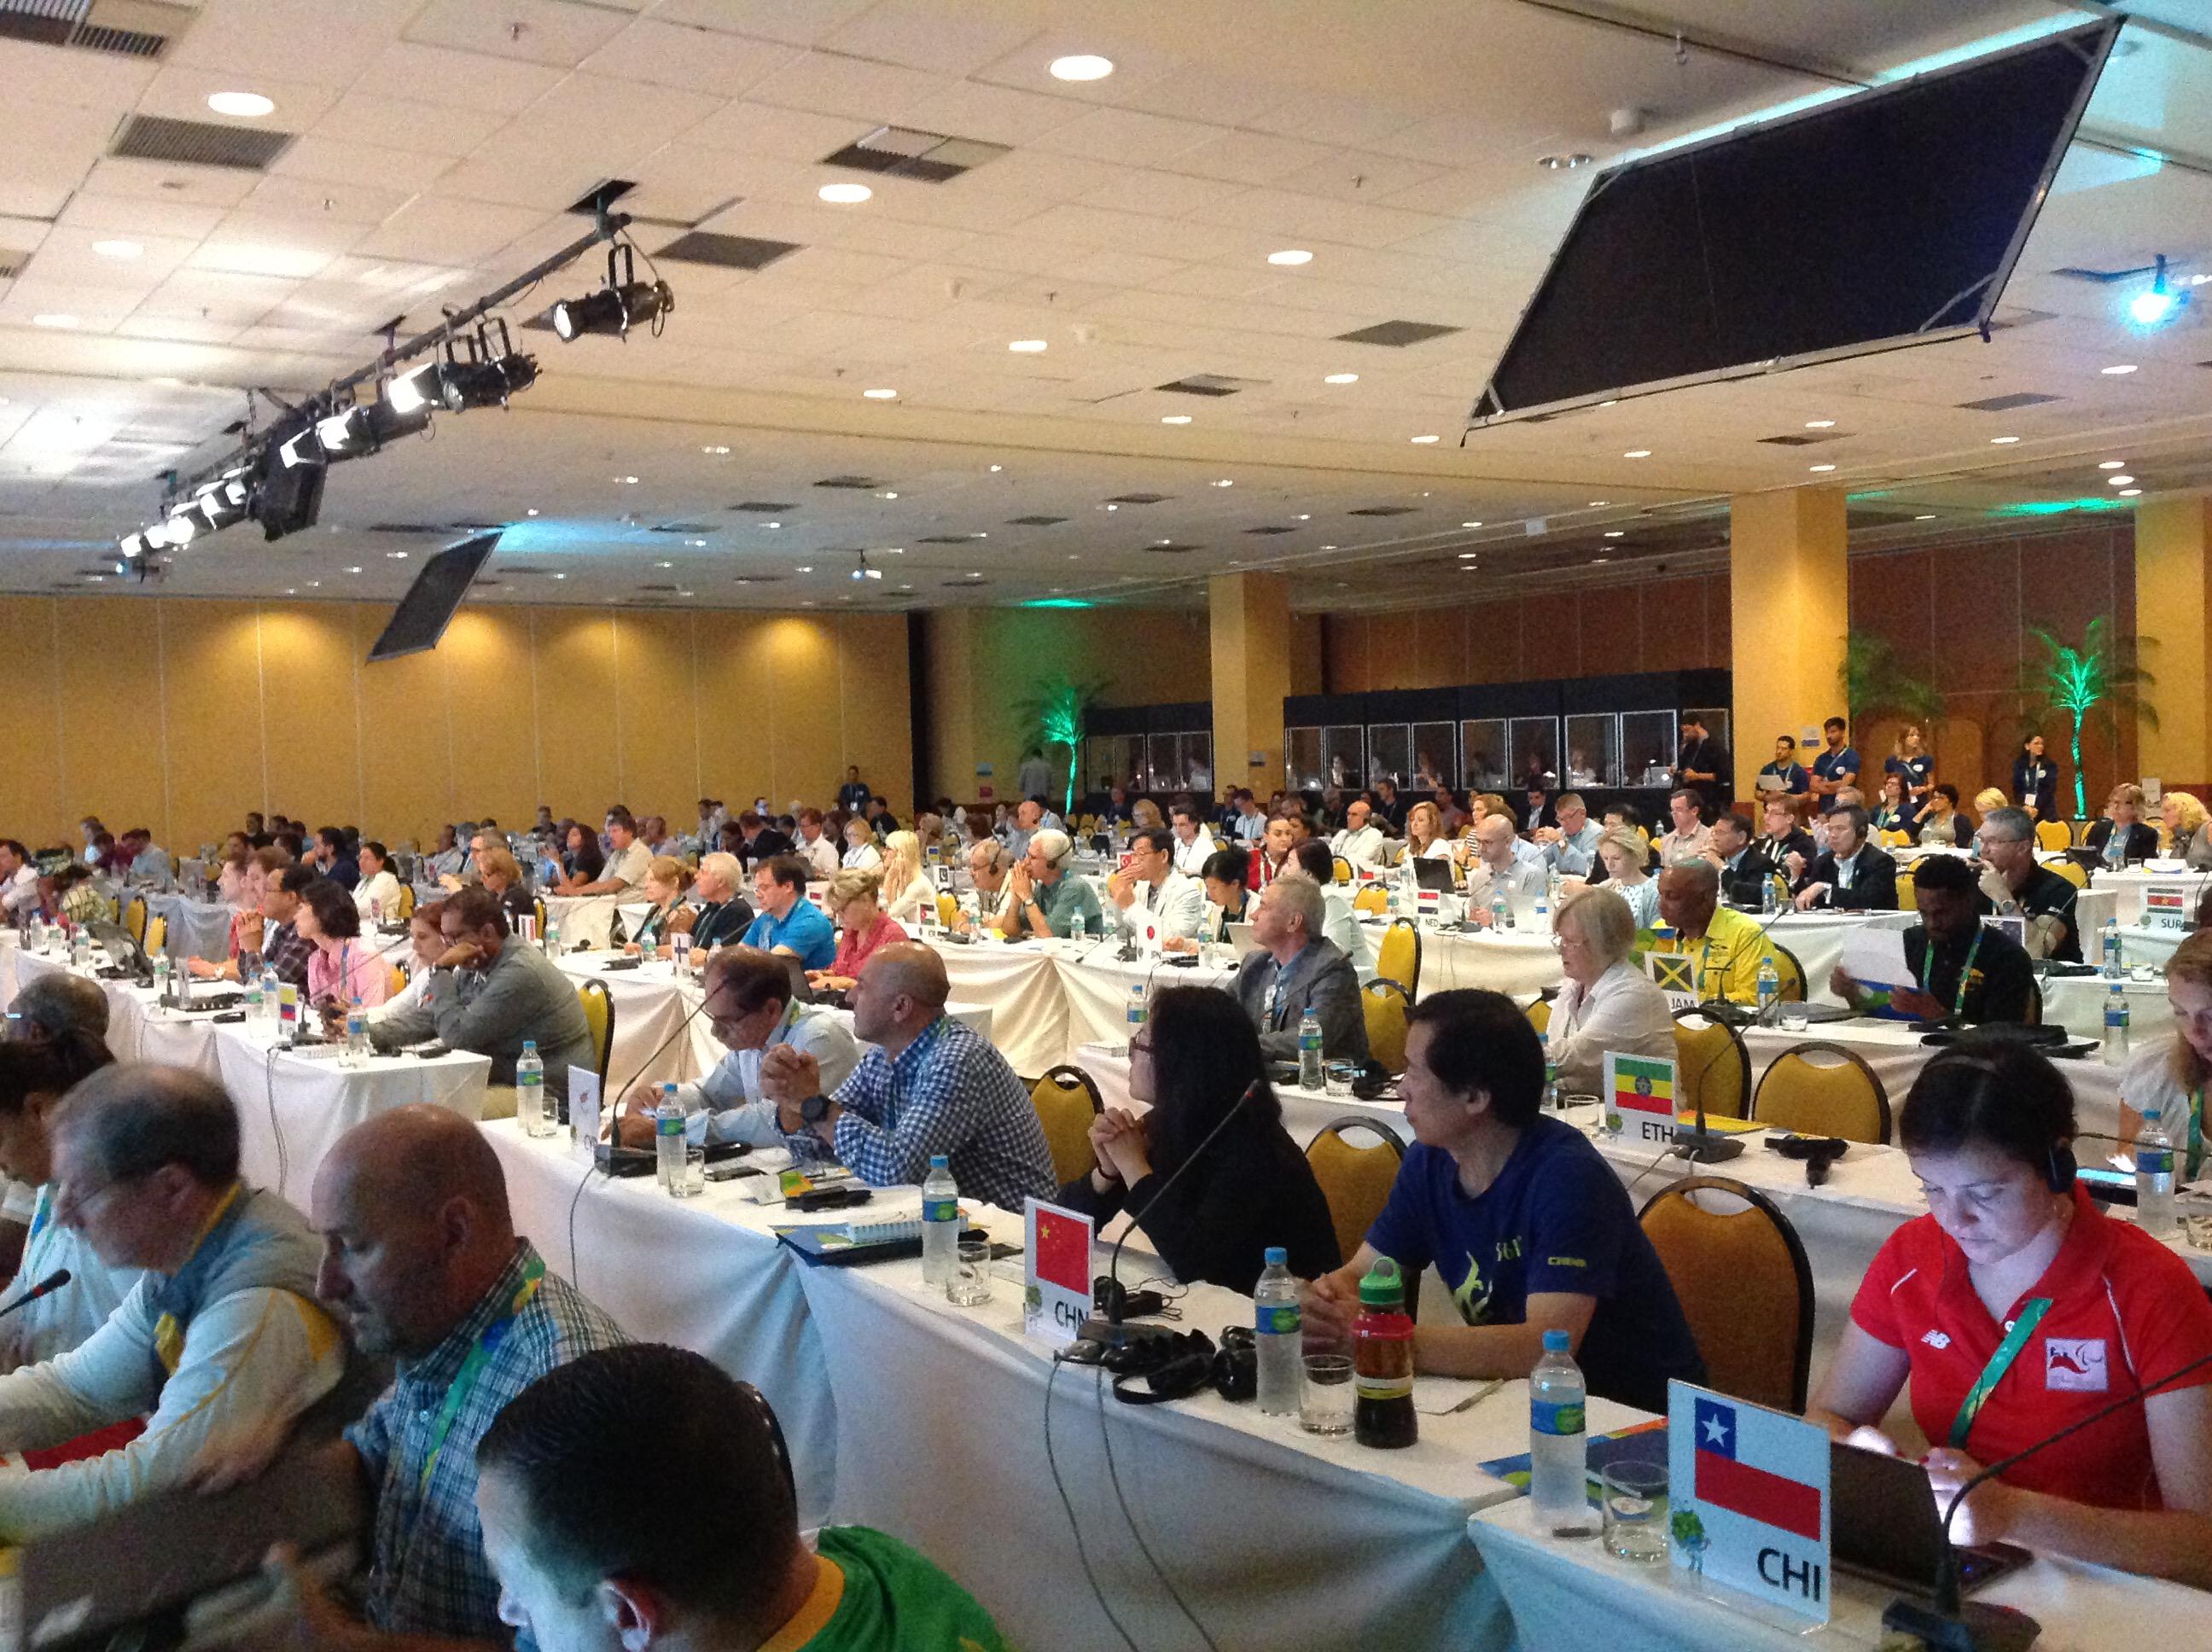 П.А. Рожков в г. Рио-де-Жанейро принял участие в пленарном заседании Шефов миссии национальных сборных команд на Паралимпийских играх 2016 года